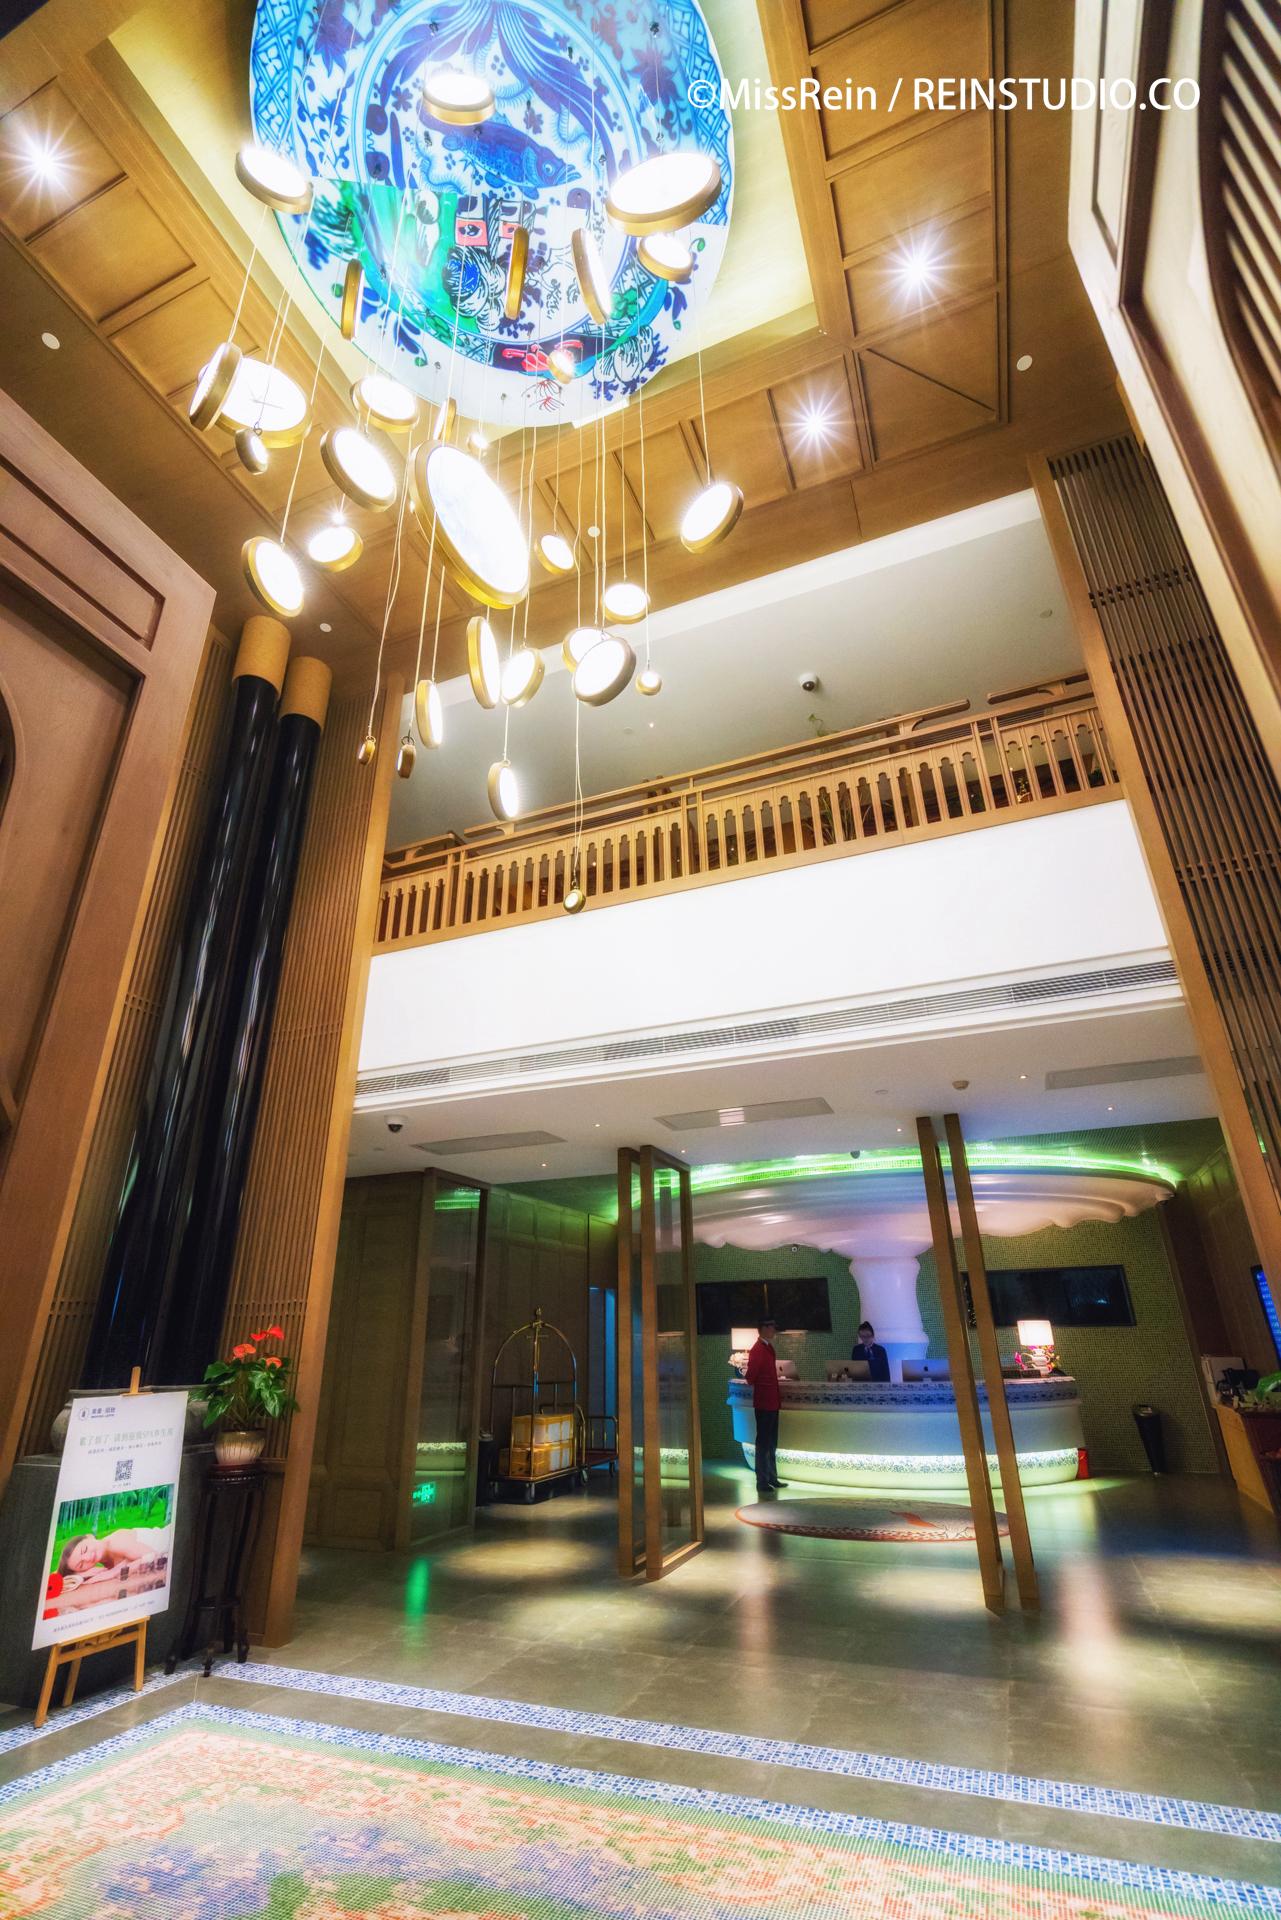 攻略|玩转上海迪斯尼的制胜秘籍MehoodHotels游庐山二日酒店图片